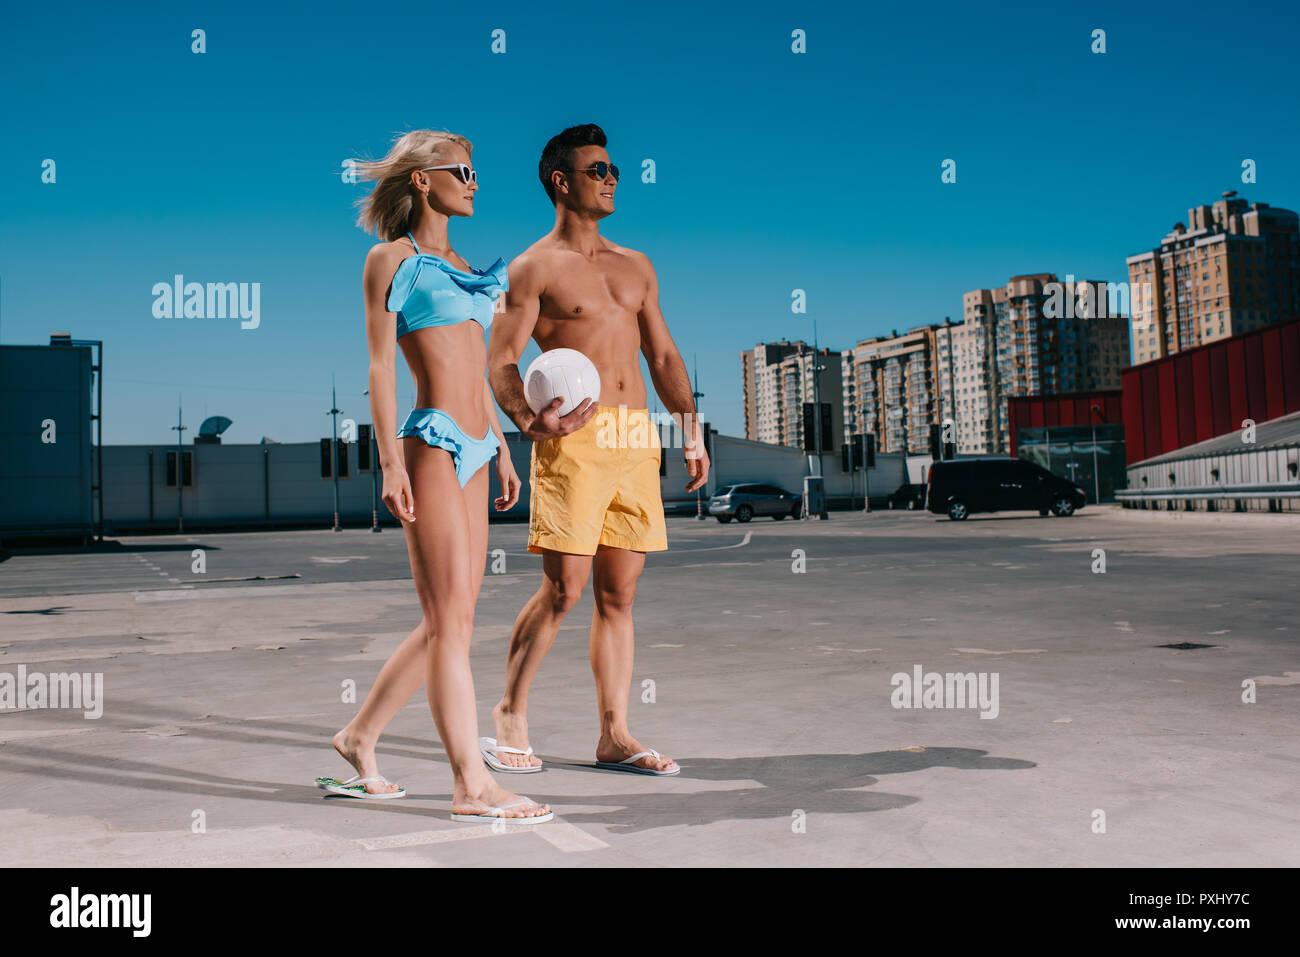 Pareja joven en ropa de playa con voleibol ball en aparcamiento Imagen De Stock